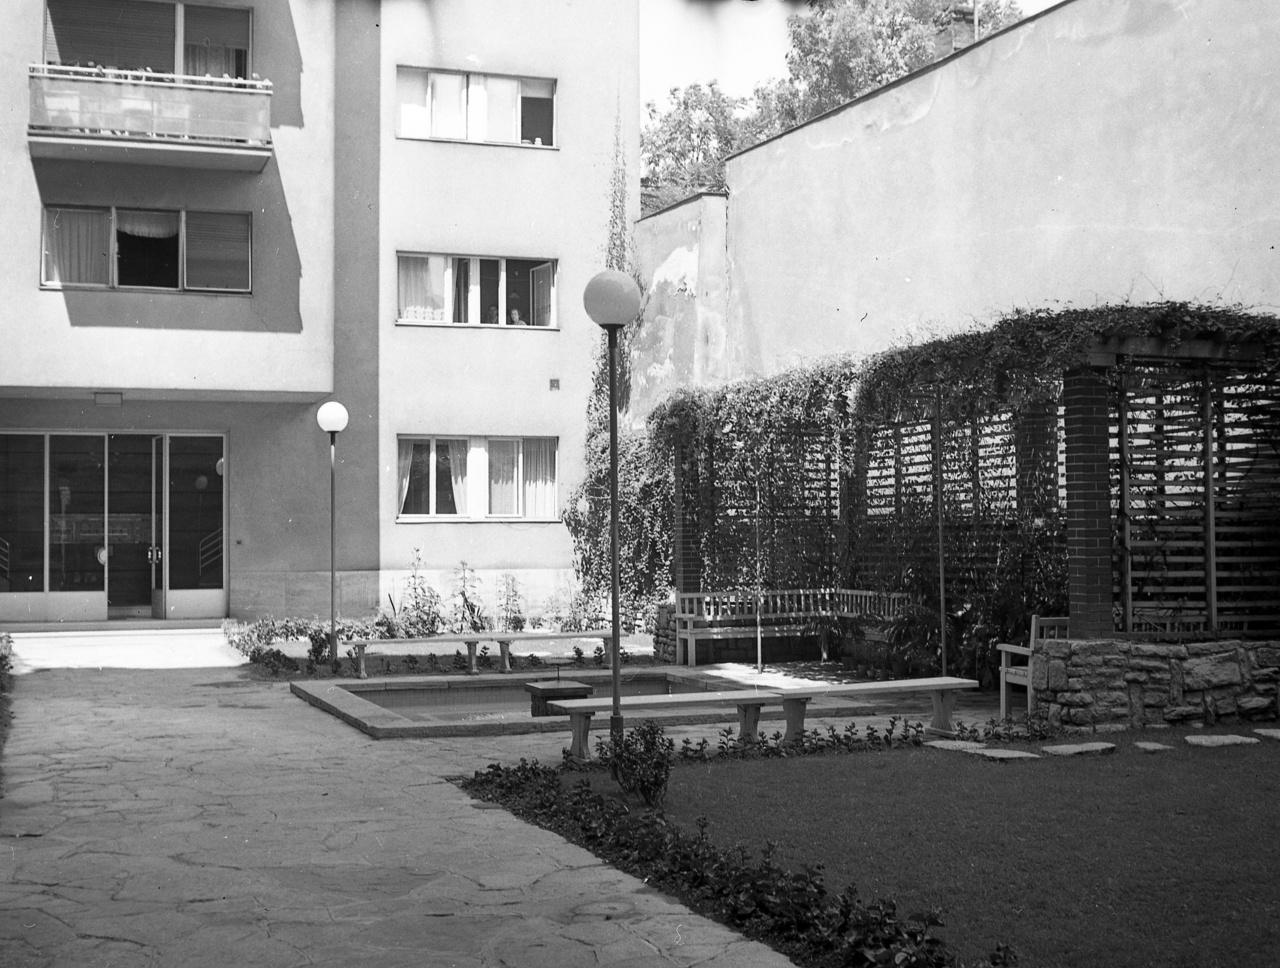 Egy belső kert a korai negyvenes évek Budapestjéről, de gyakorlatilag az elkövetkező évtizedekben bármikor készülhetett volna. Na persze nem Magyarországon, hanem mondjuk a hatvanas évek Bécsében. Nálunk akkoriban már nem nagyon épültek ennyire igényes belső udvarok.